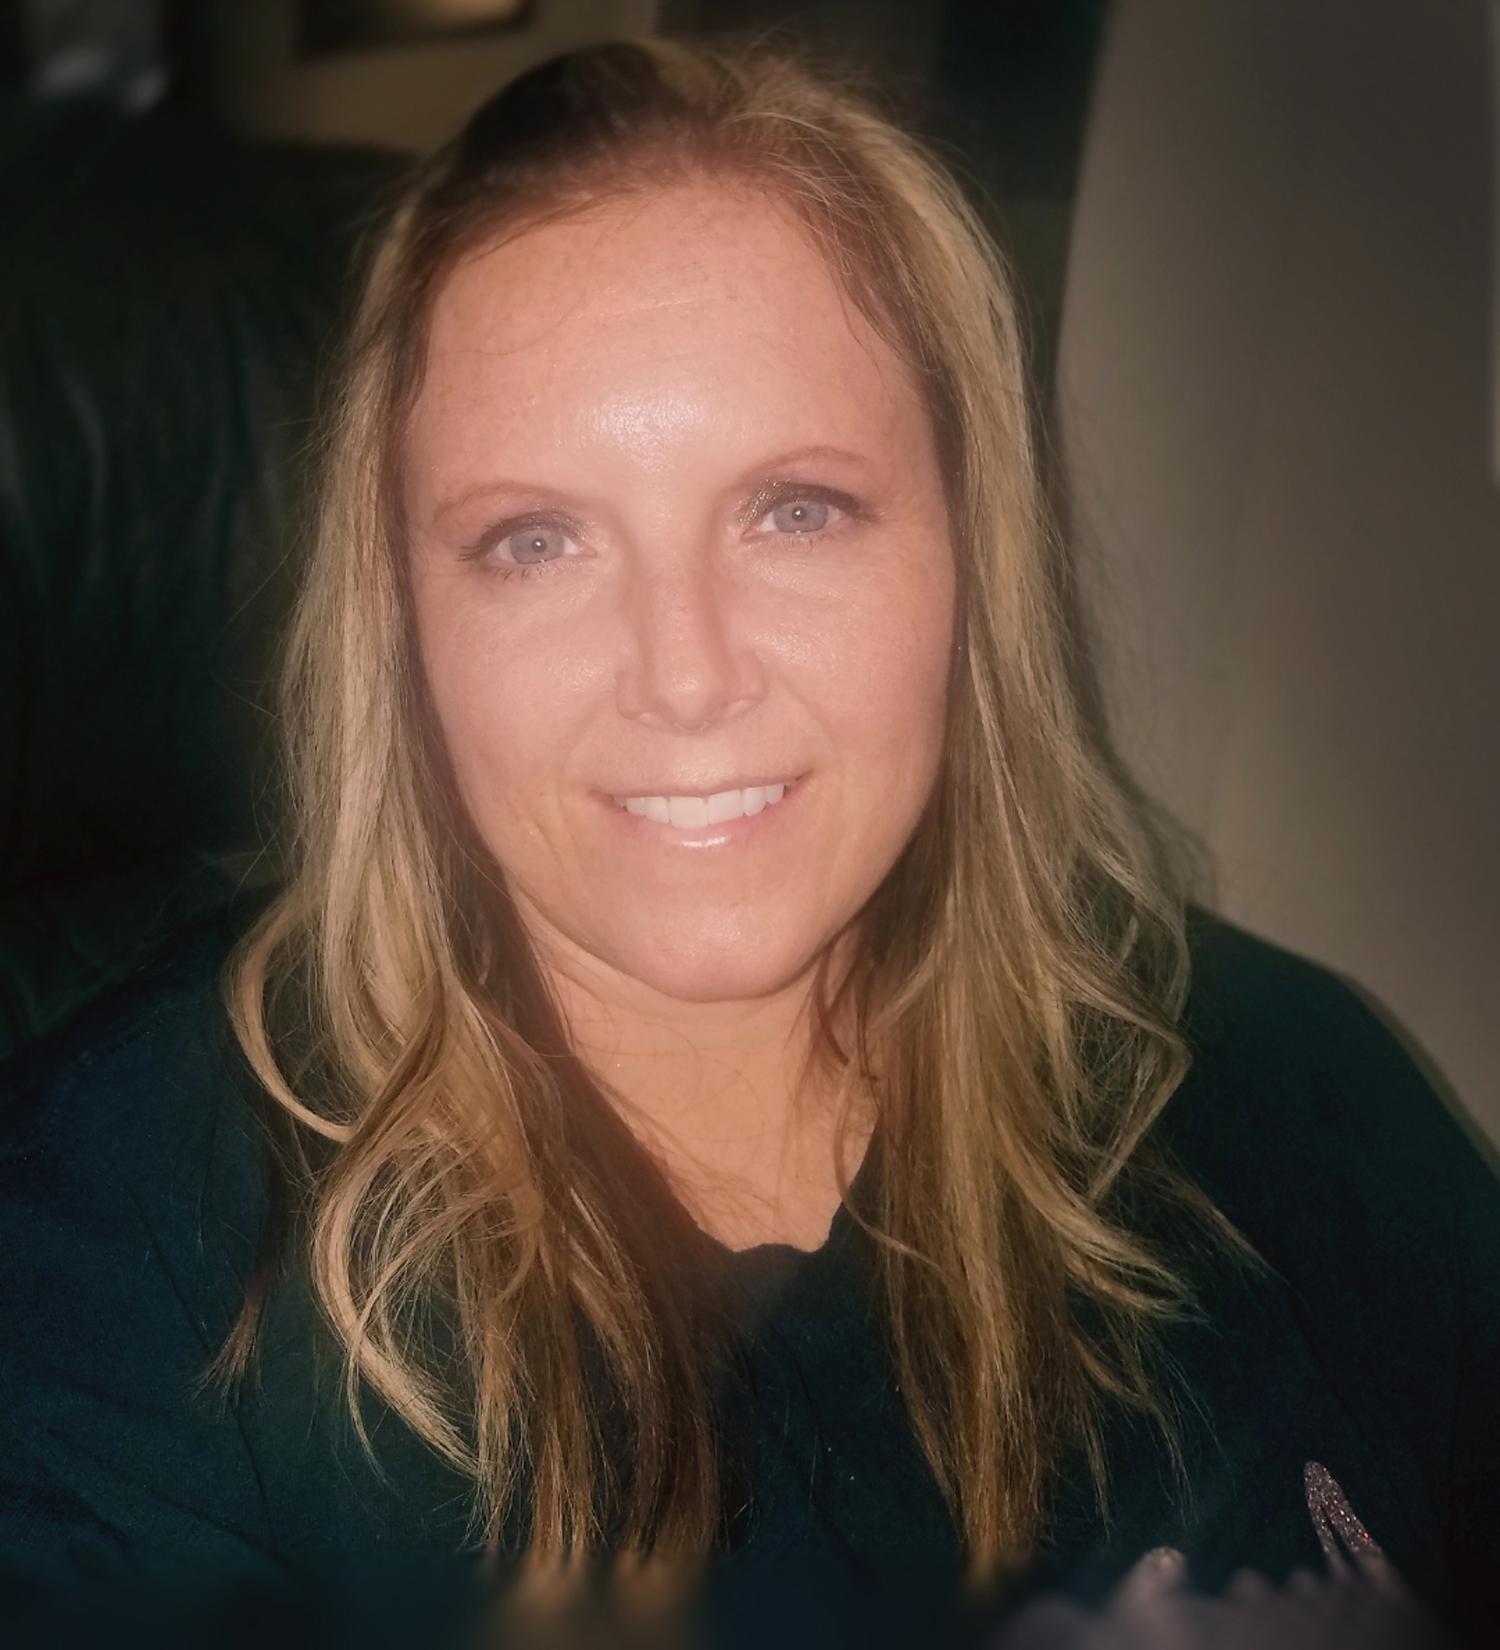 Kristi Foltz, President/CEO